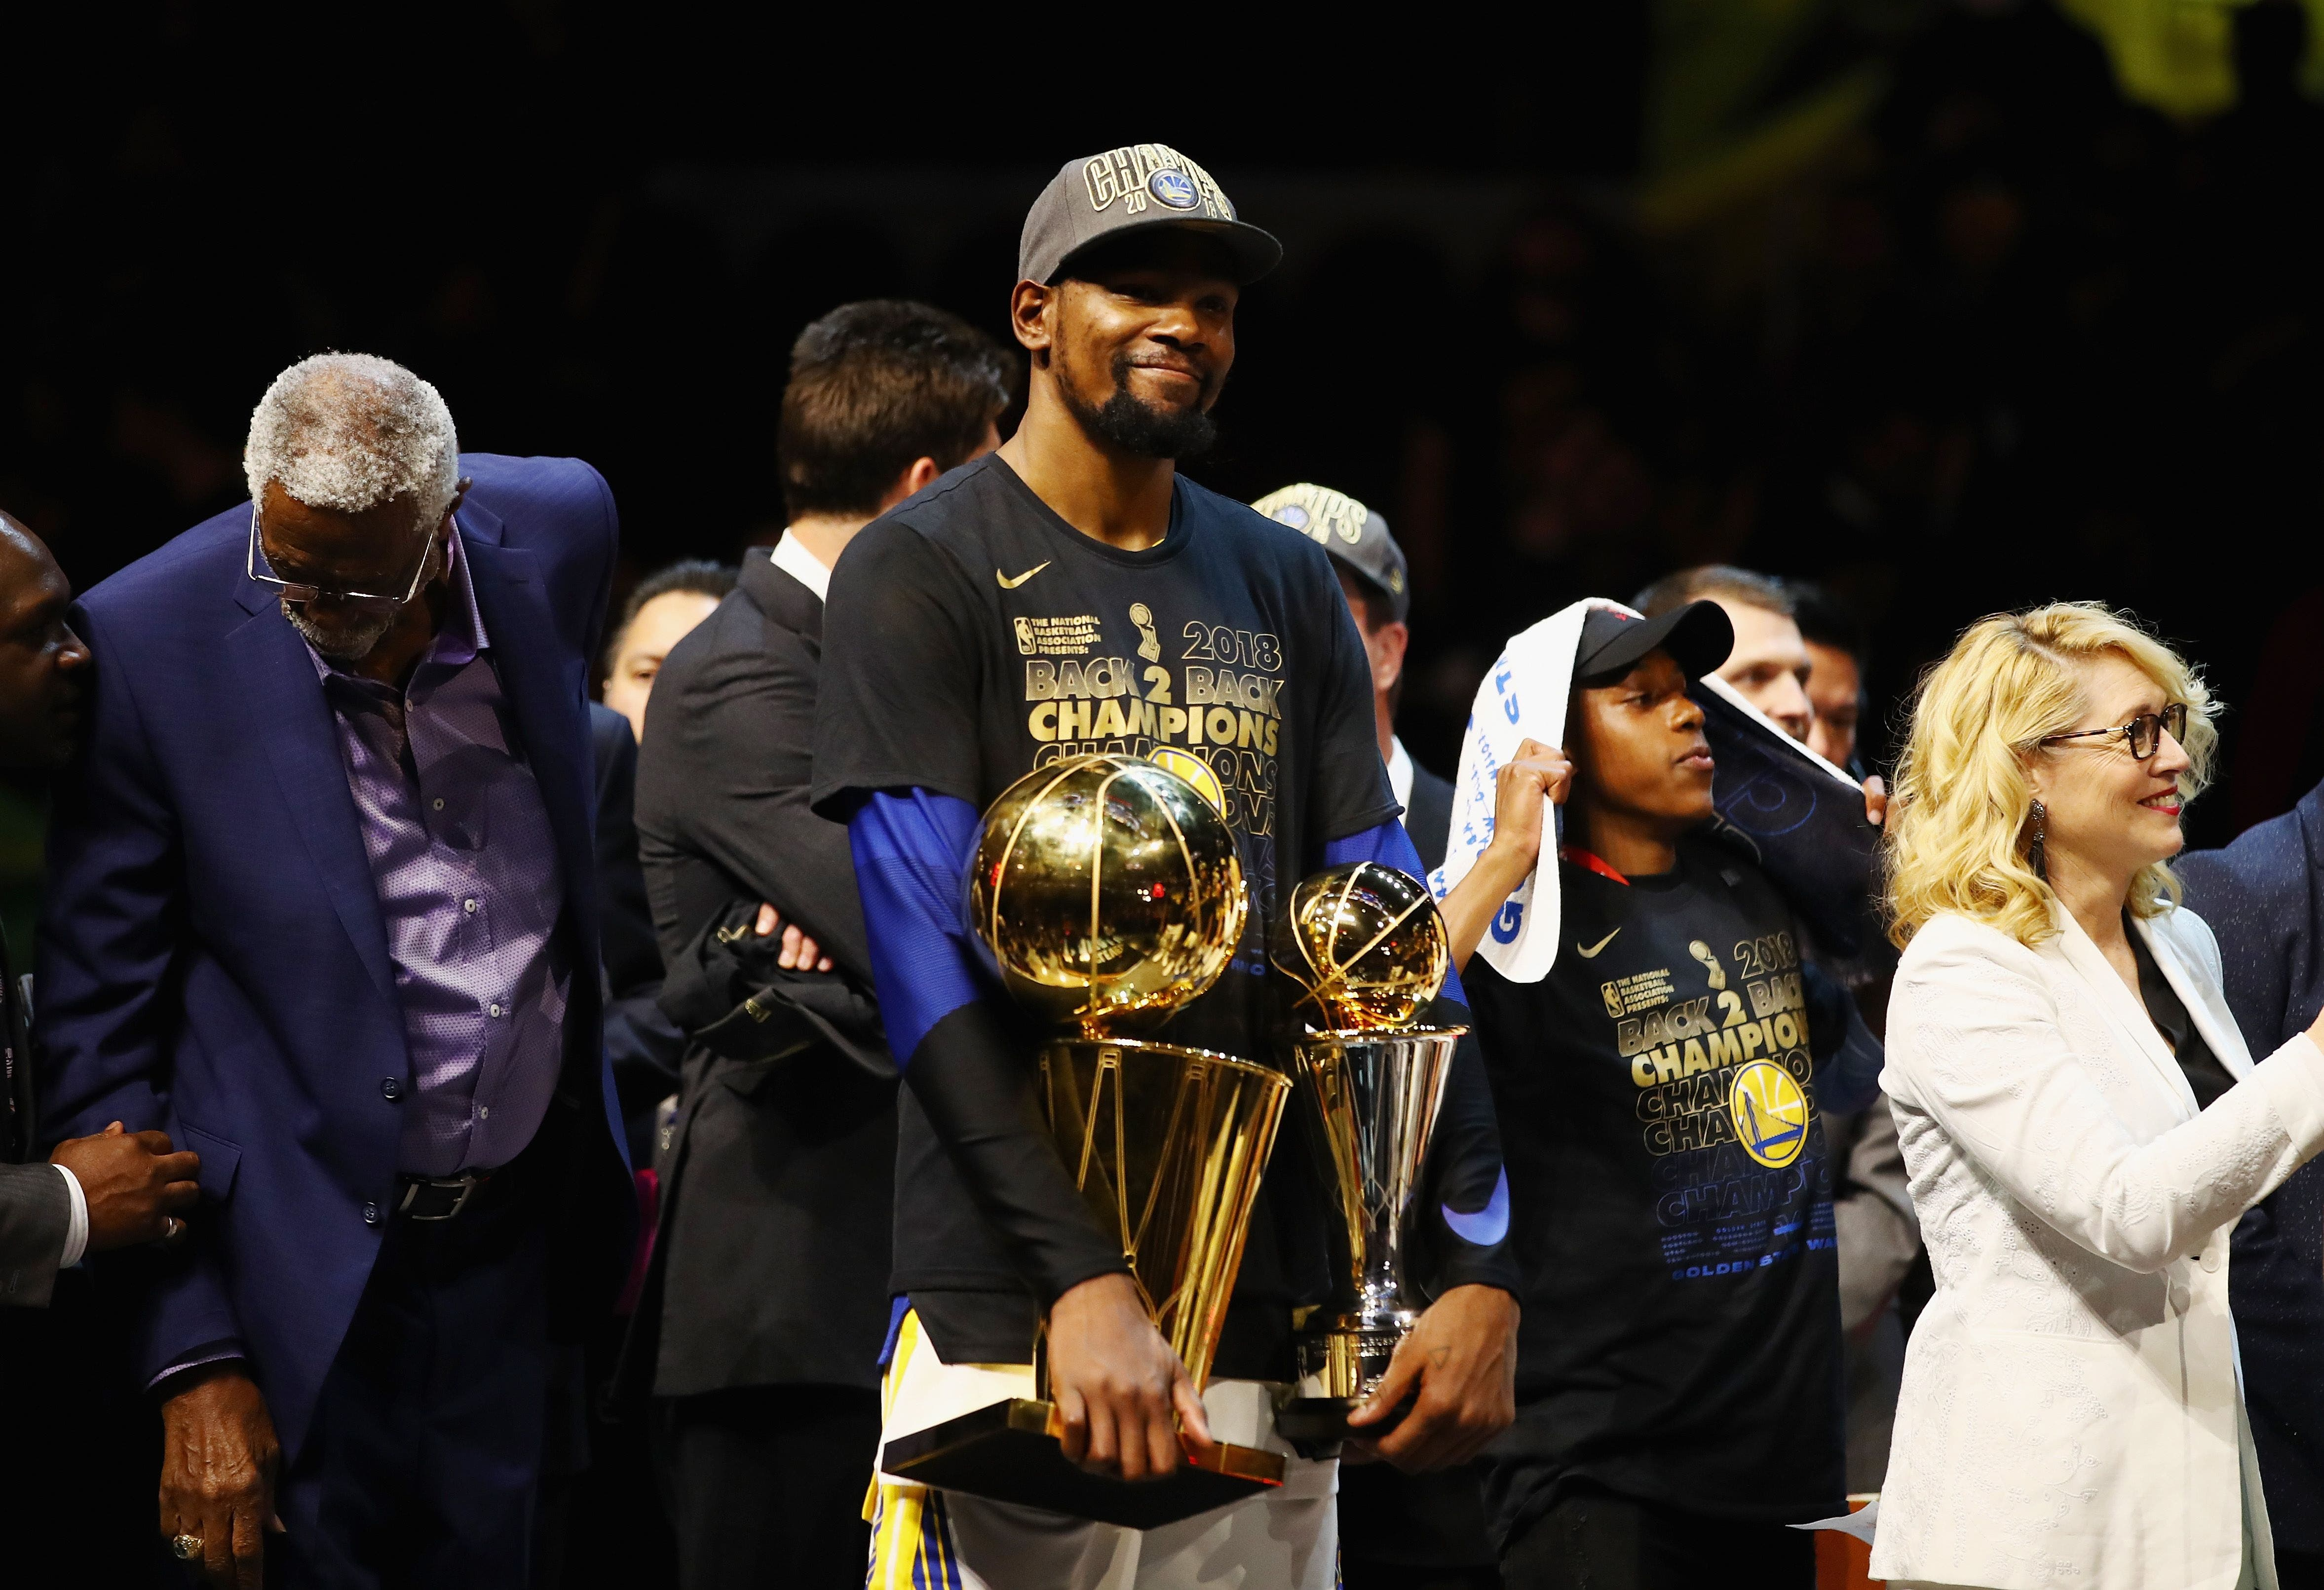 Kevin Durant # 35 de los Golden State Warriors celebra con el Trofeo Larry O'Brien y el trofeo MVP después de derrotar a los Cavaliers de Cleveland durante el cuarto partido de las Finales de la NBA 2018 en Quicken Loans Arena el 8 de junio de 2018 Cleveland Ohio. AFP.